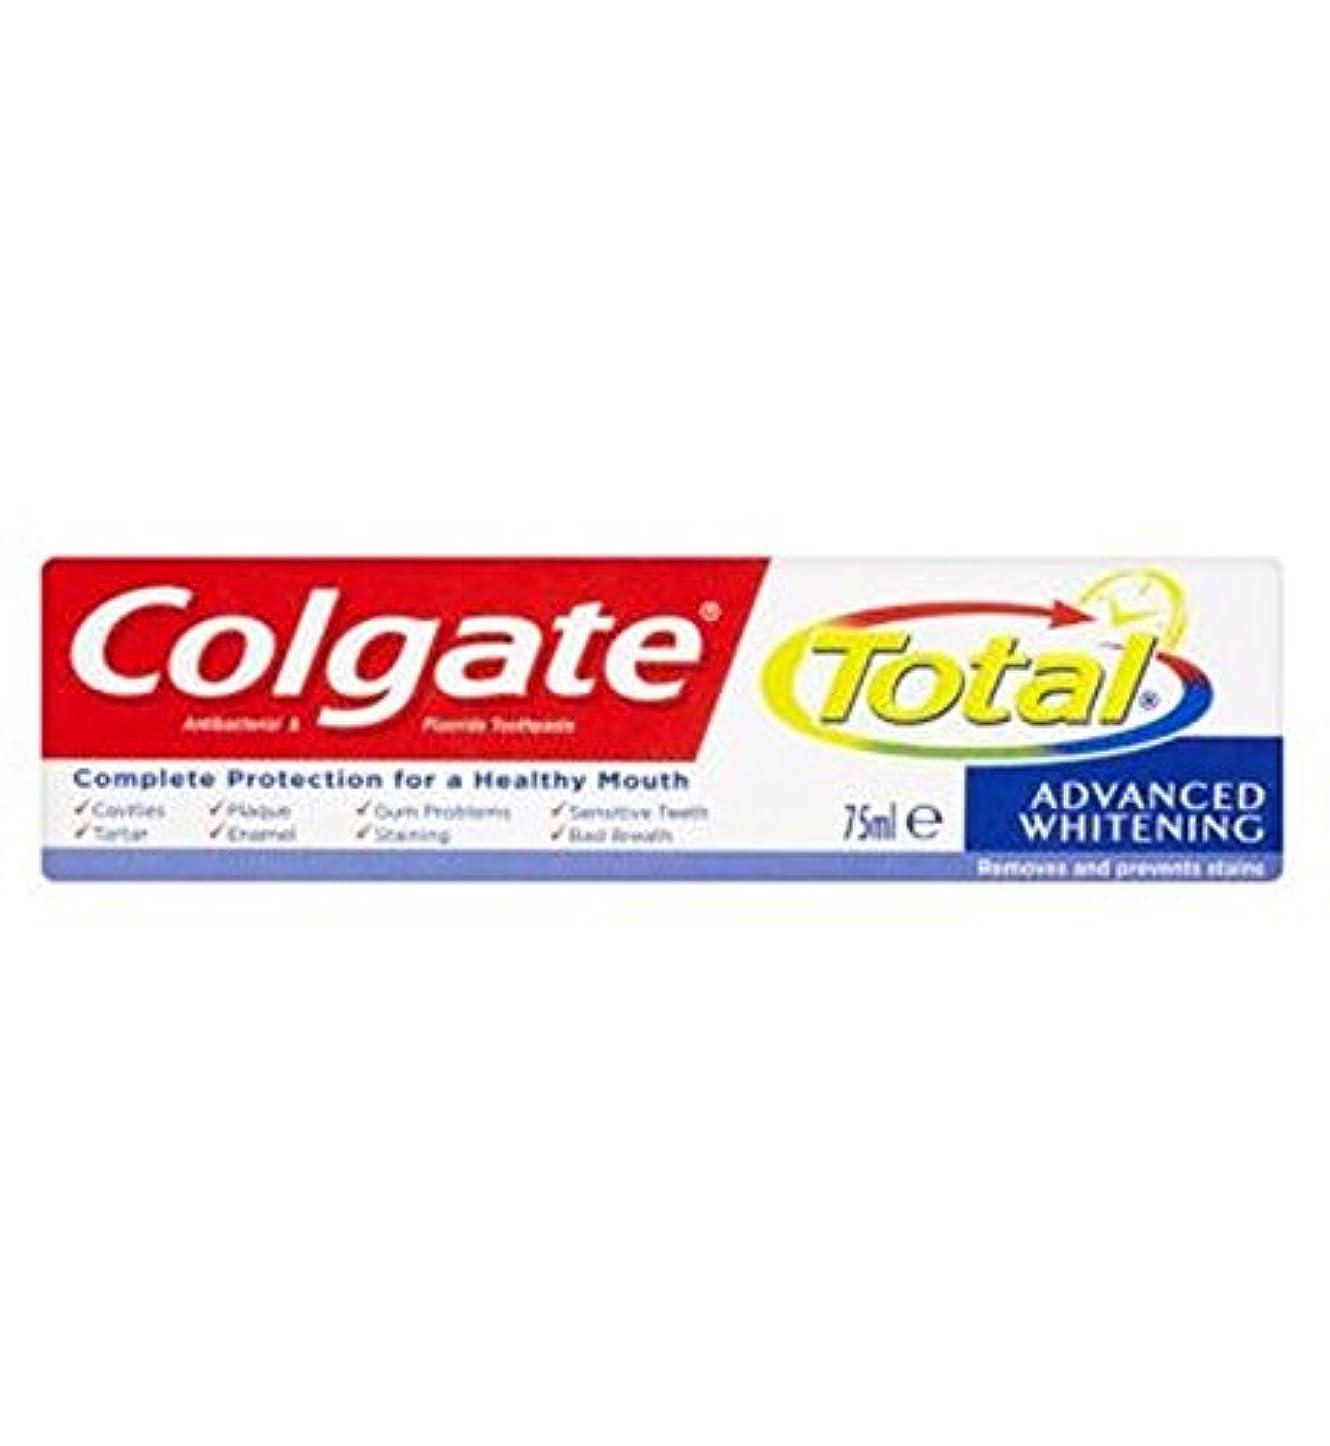 空白投票ハンカチColgate Total Advanced Whitening toothpaste 75ml - コルゲートトータル高度なホワイトニング歯磨き粉75ミリリットル (Colgate) [並行輸入品]